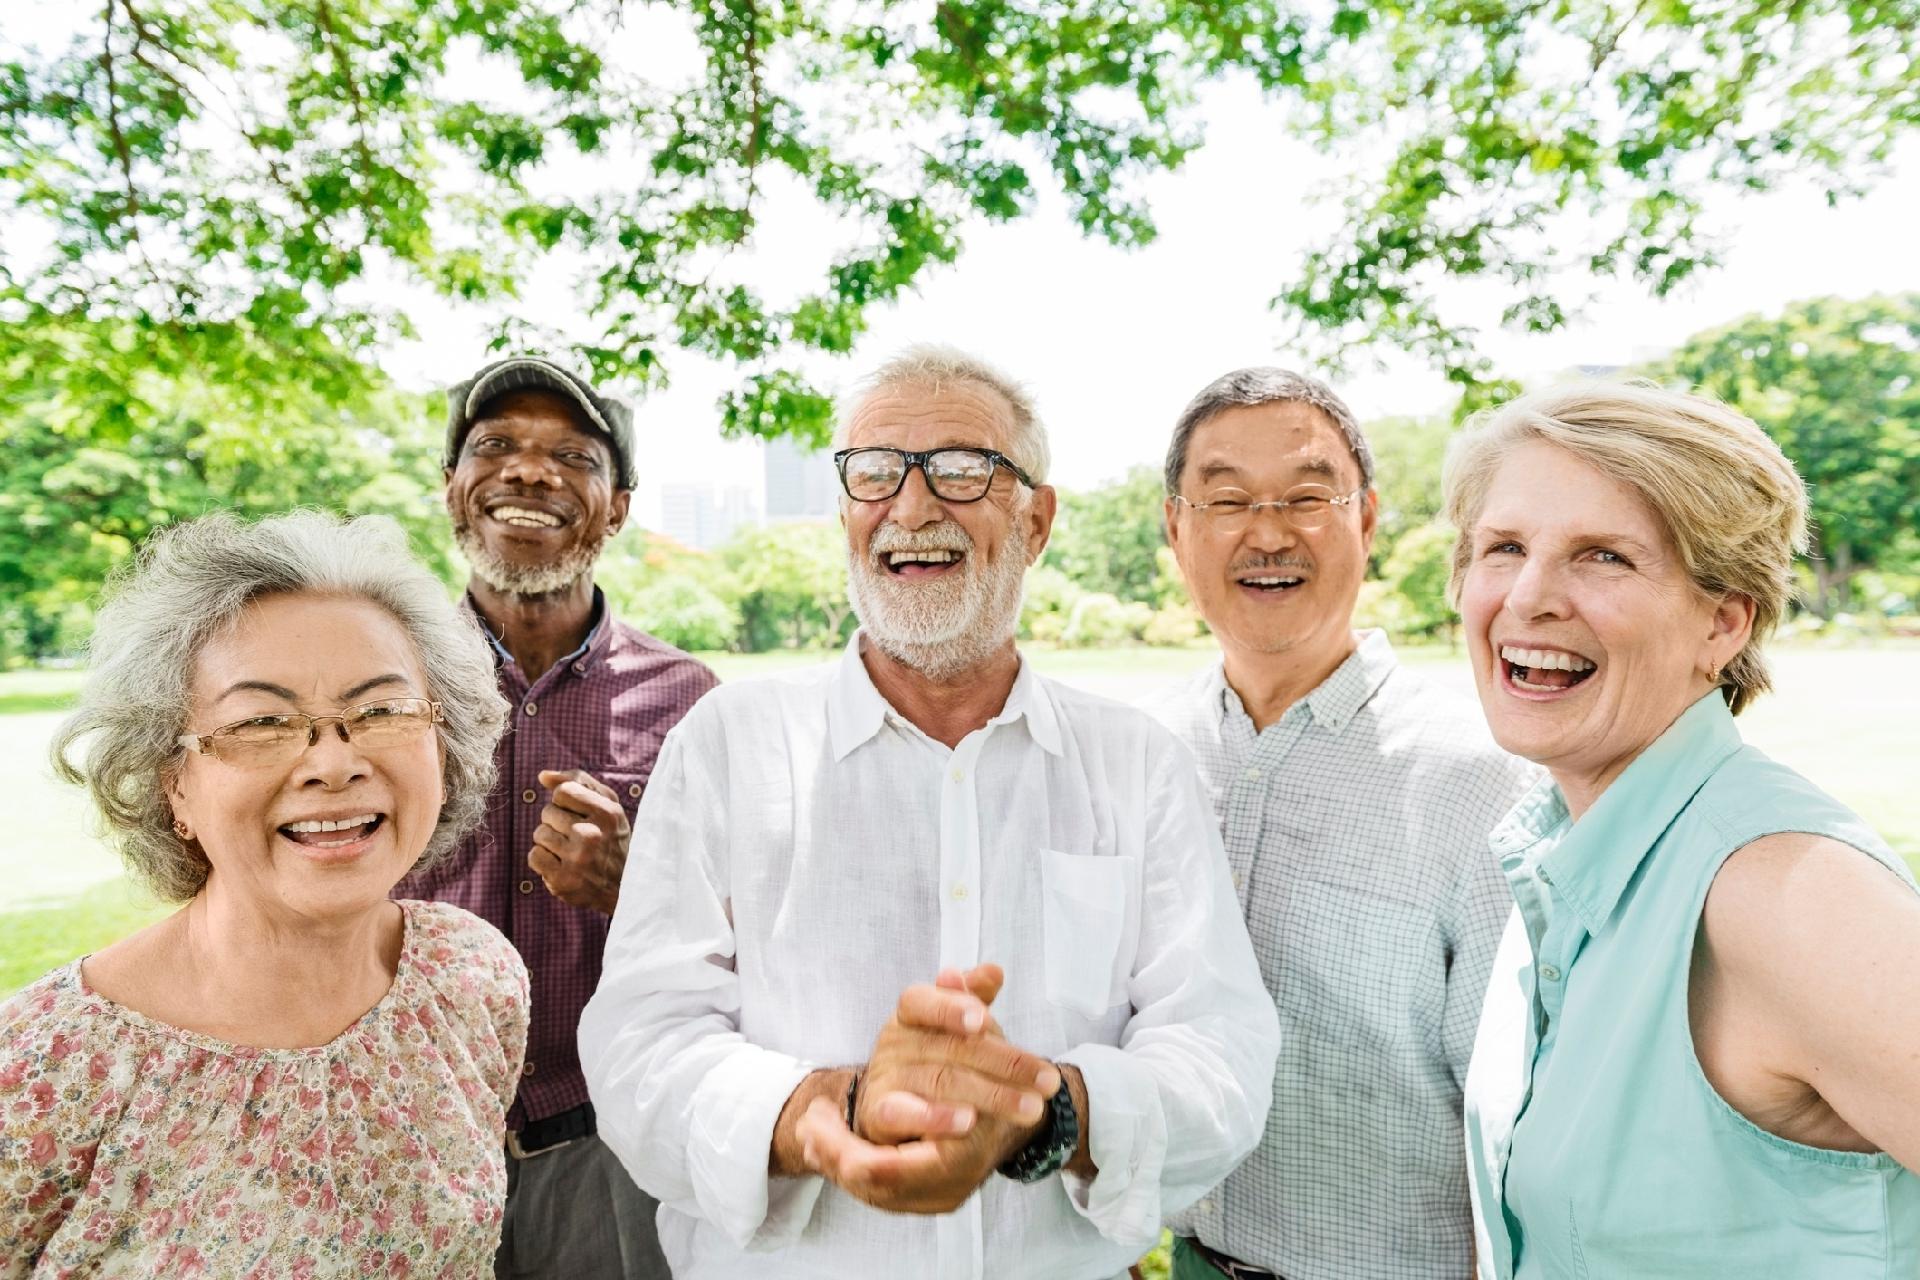 Para vida longa, amizade é mais relevante que parar de fumar, diz psicóloga - 16/05/2018 - UOL VivaBem